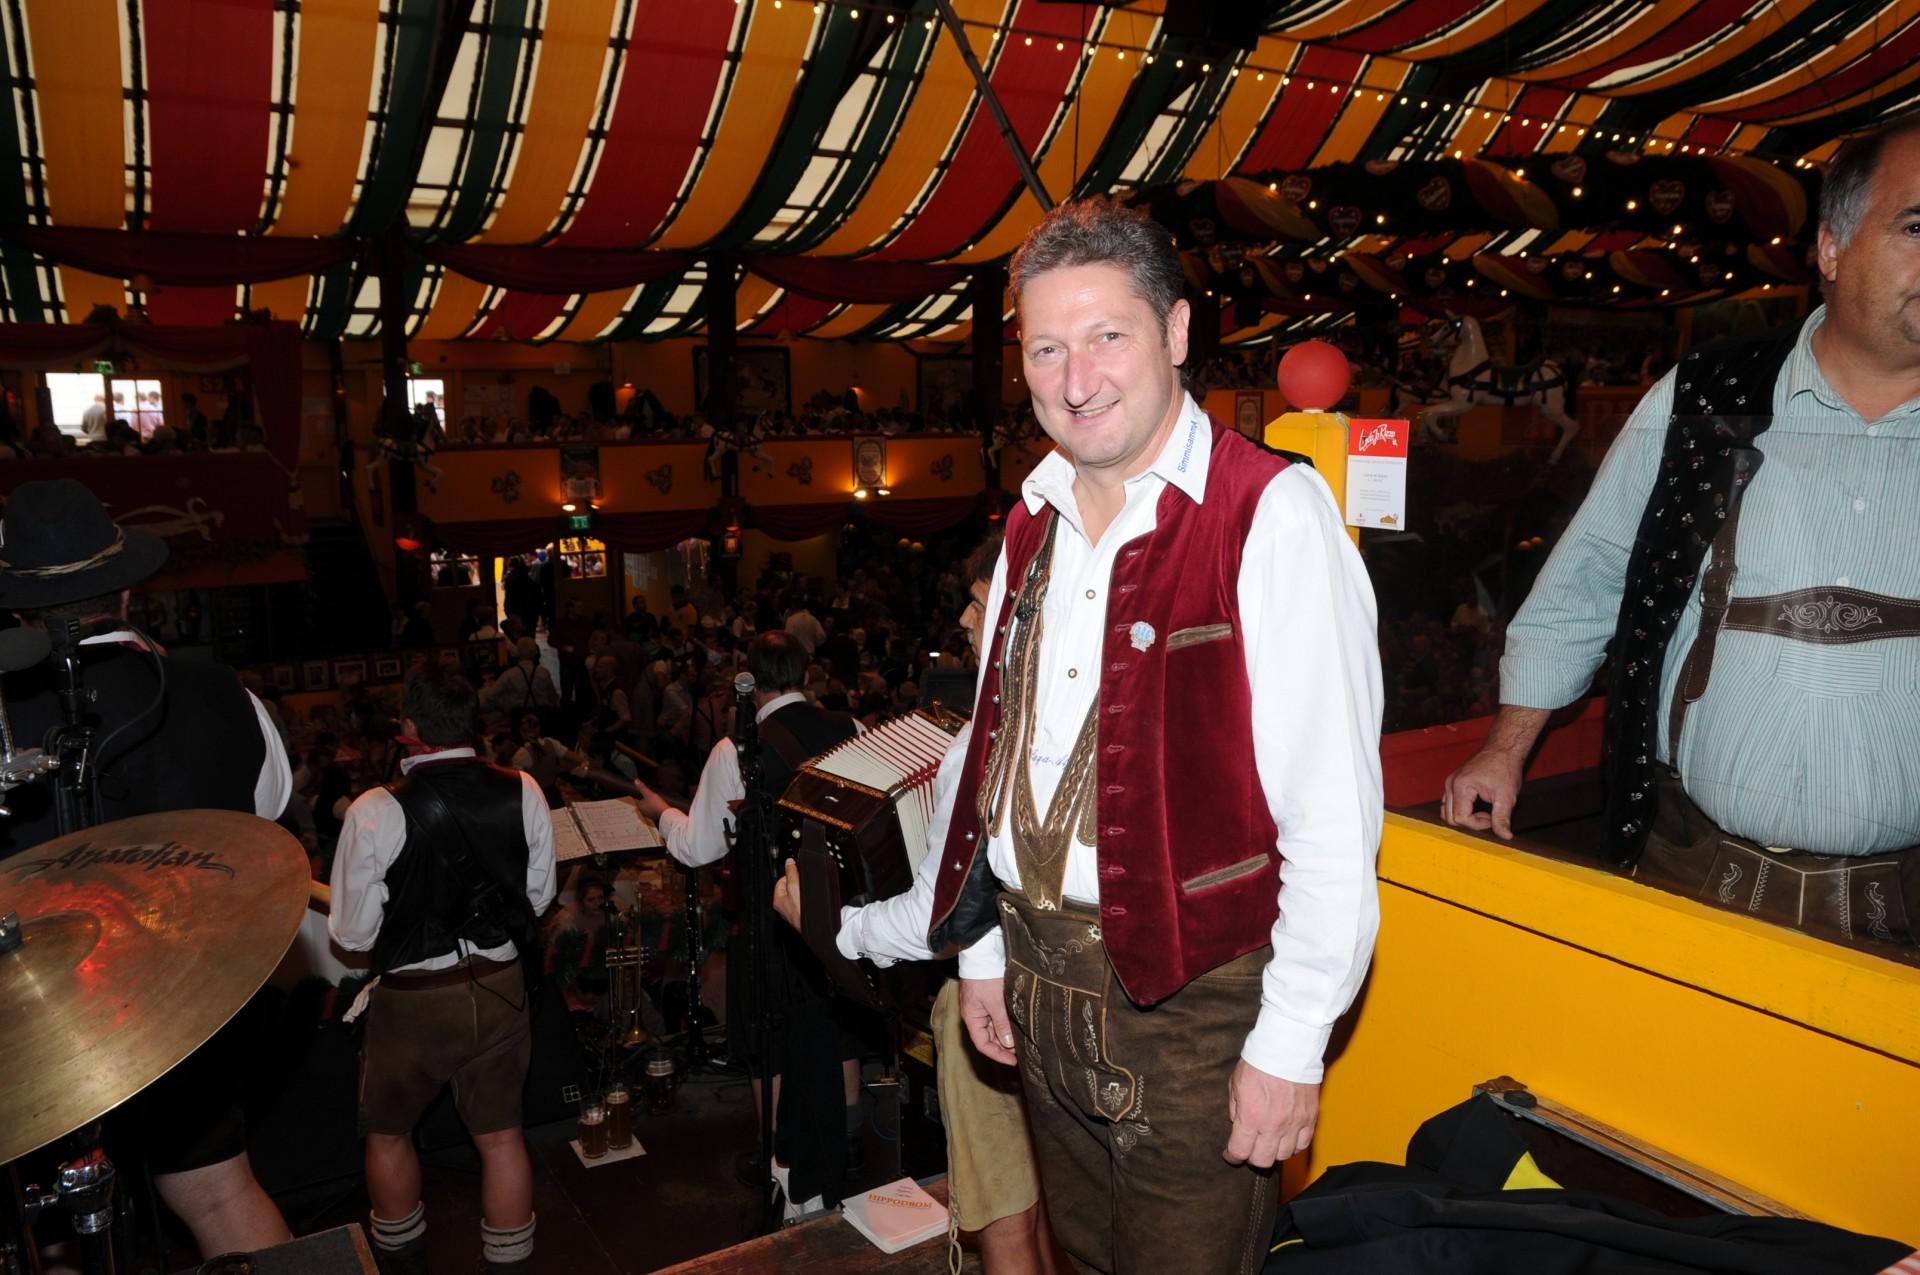 Simmisamma die Oktoberfestband – Konzert Hippodrom Oktoberfest München Deutschland 02